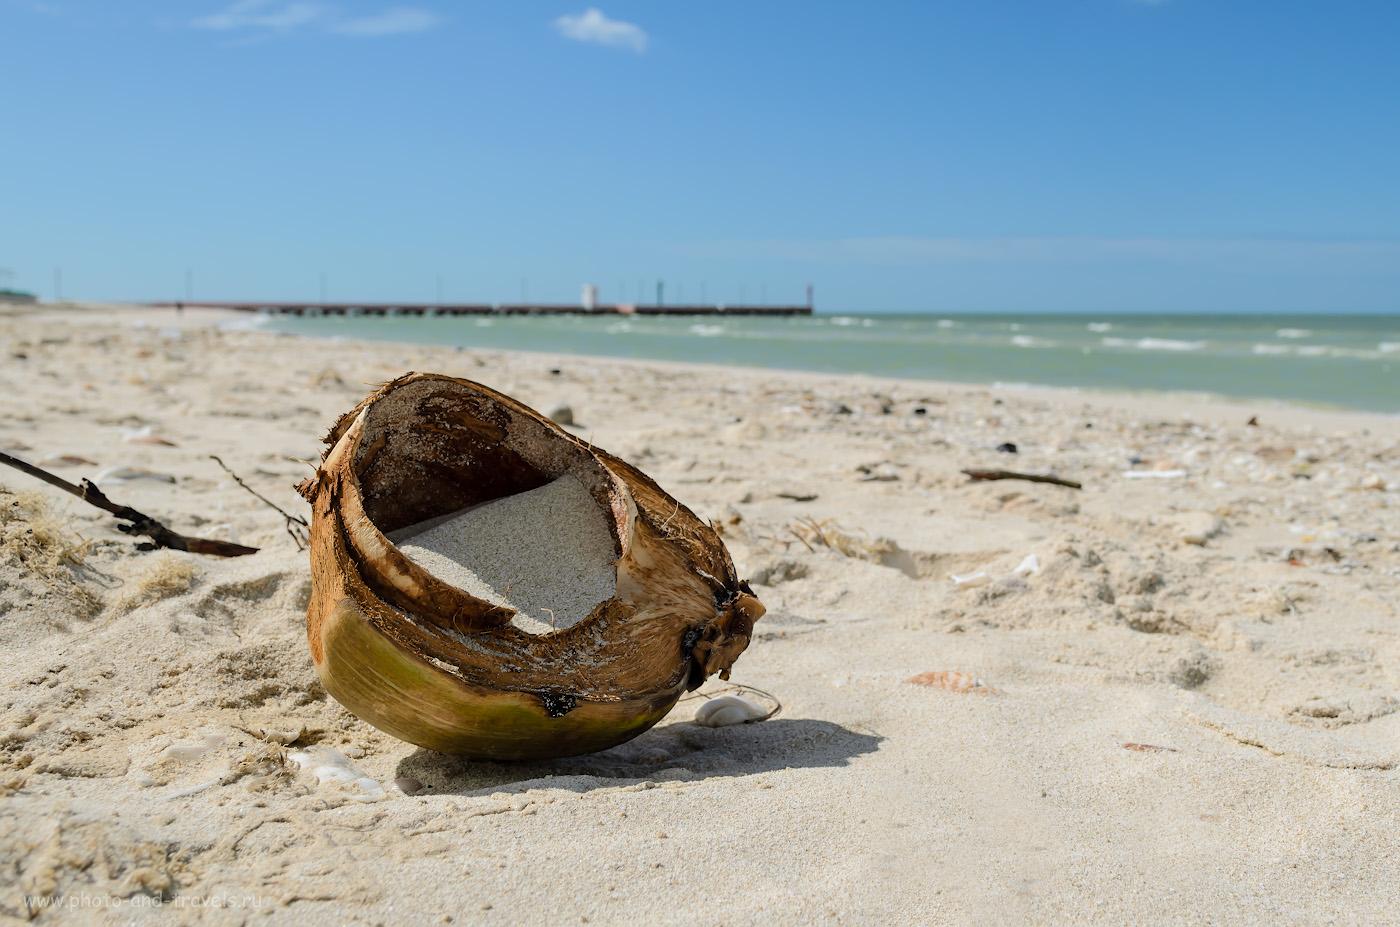 Фото 6. Мексика. Отзывы о поездке по стране самостоятельно. Селестун. Кокос в раю... 1/640, 8.0, 100, 18.